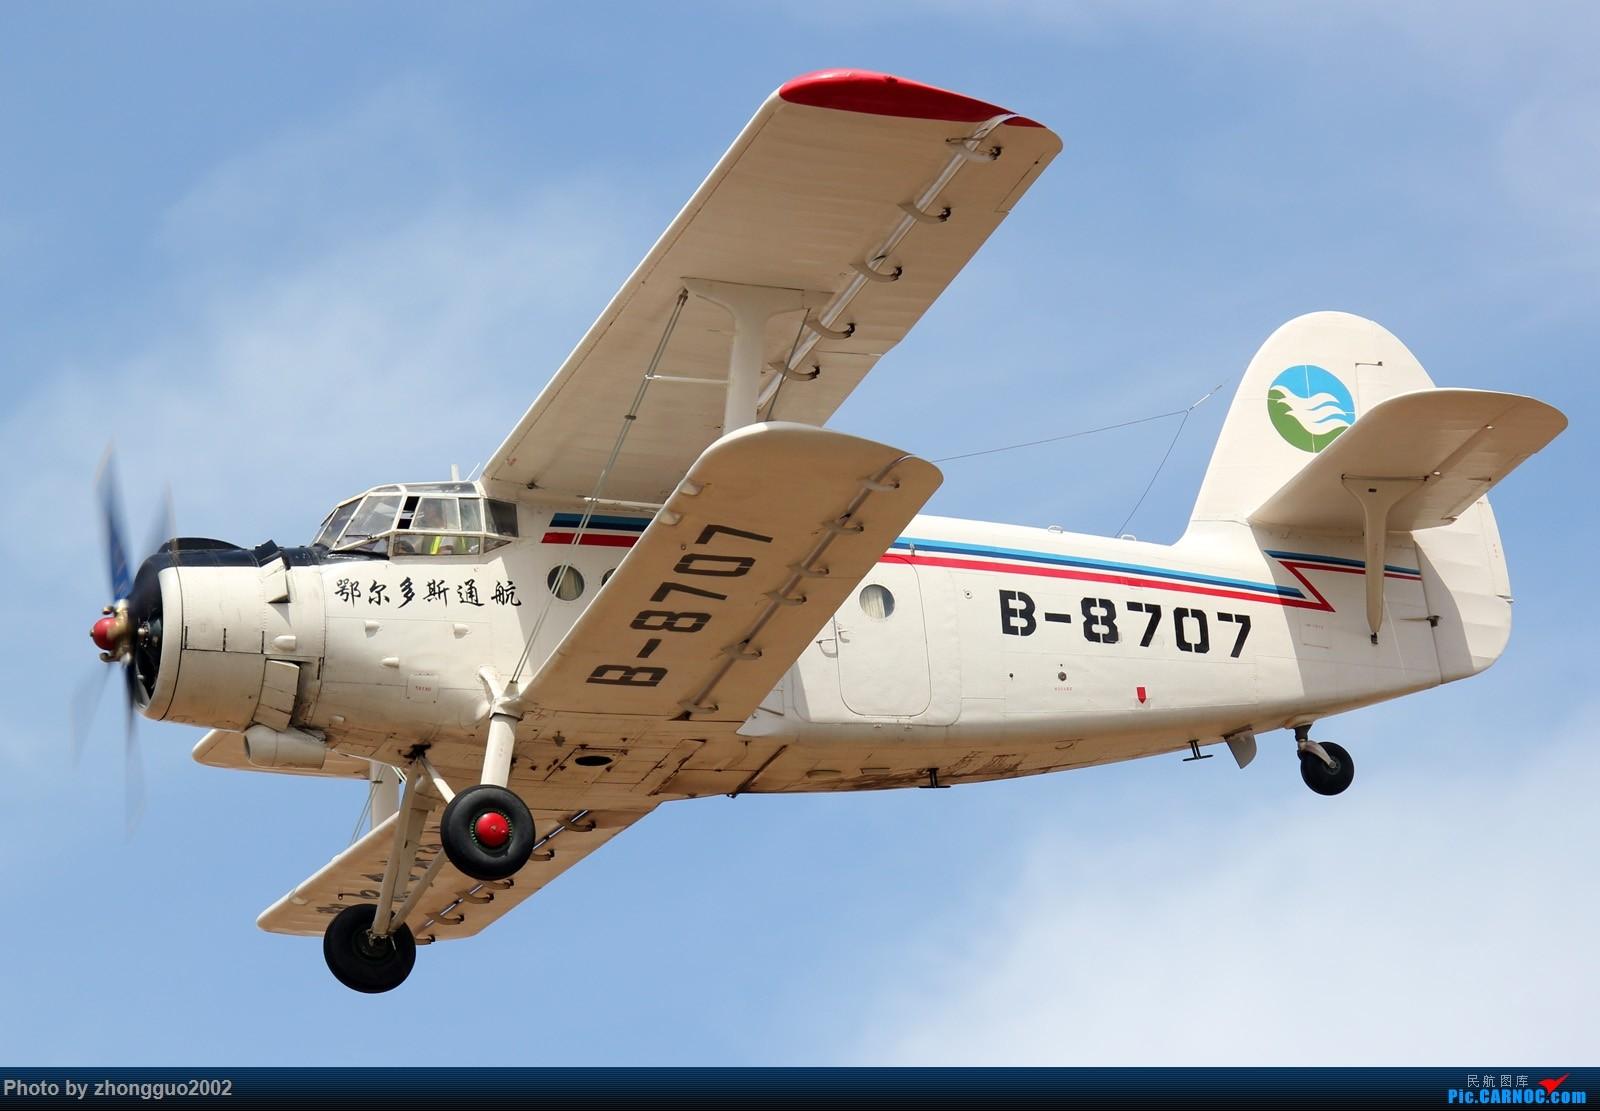 Re:[原创]赶上鄂尔多斯通航Y-5本场练习,顺便拍点其他飞机 SHIFEI Y5B(D) B-8707 中国鄂尔多斯伊金霍洛机场